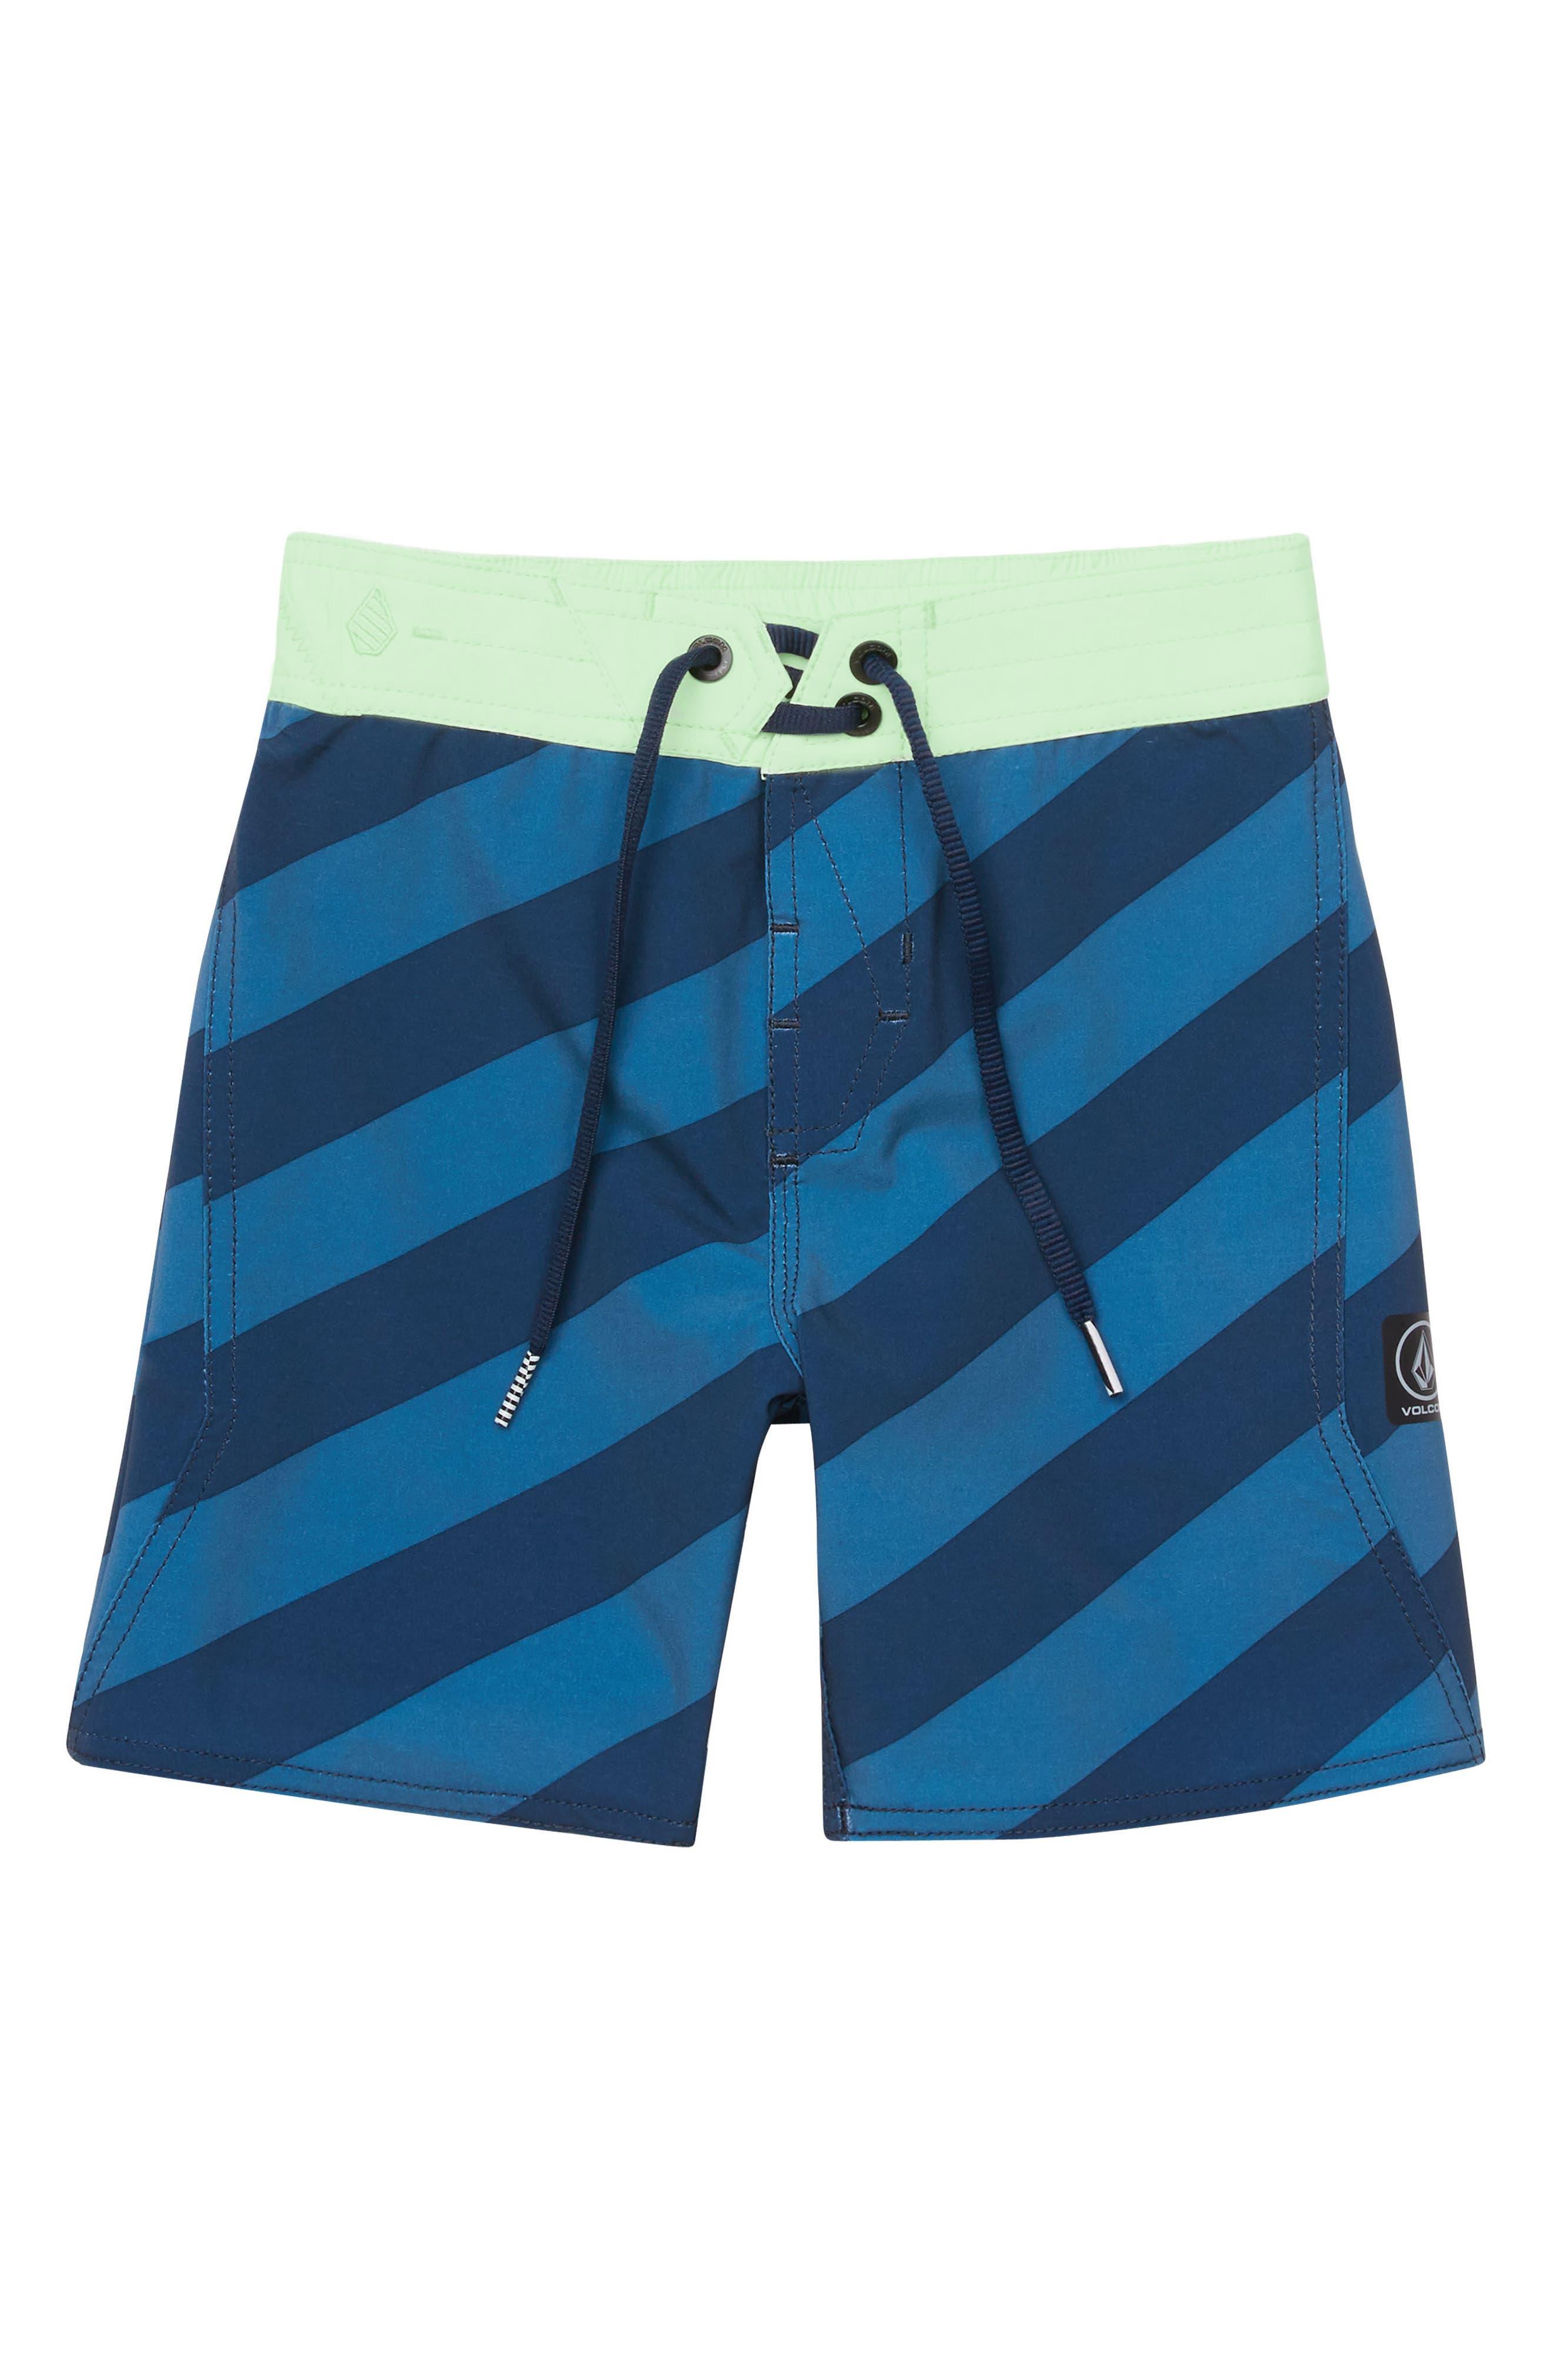 Stripey Board Shorts,                         Main,                         color, INDIGO